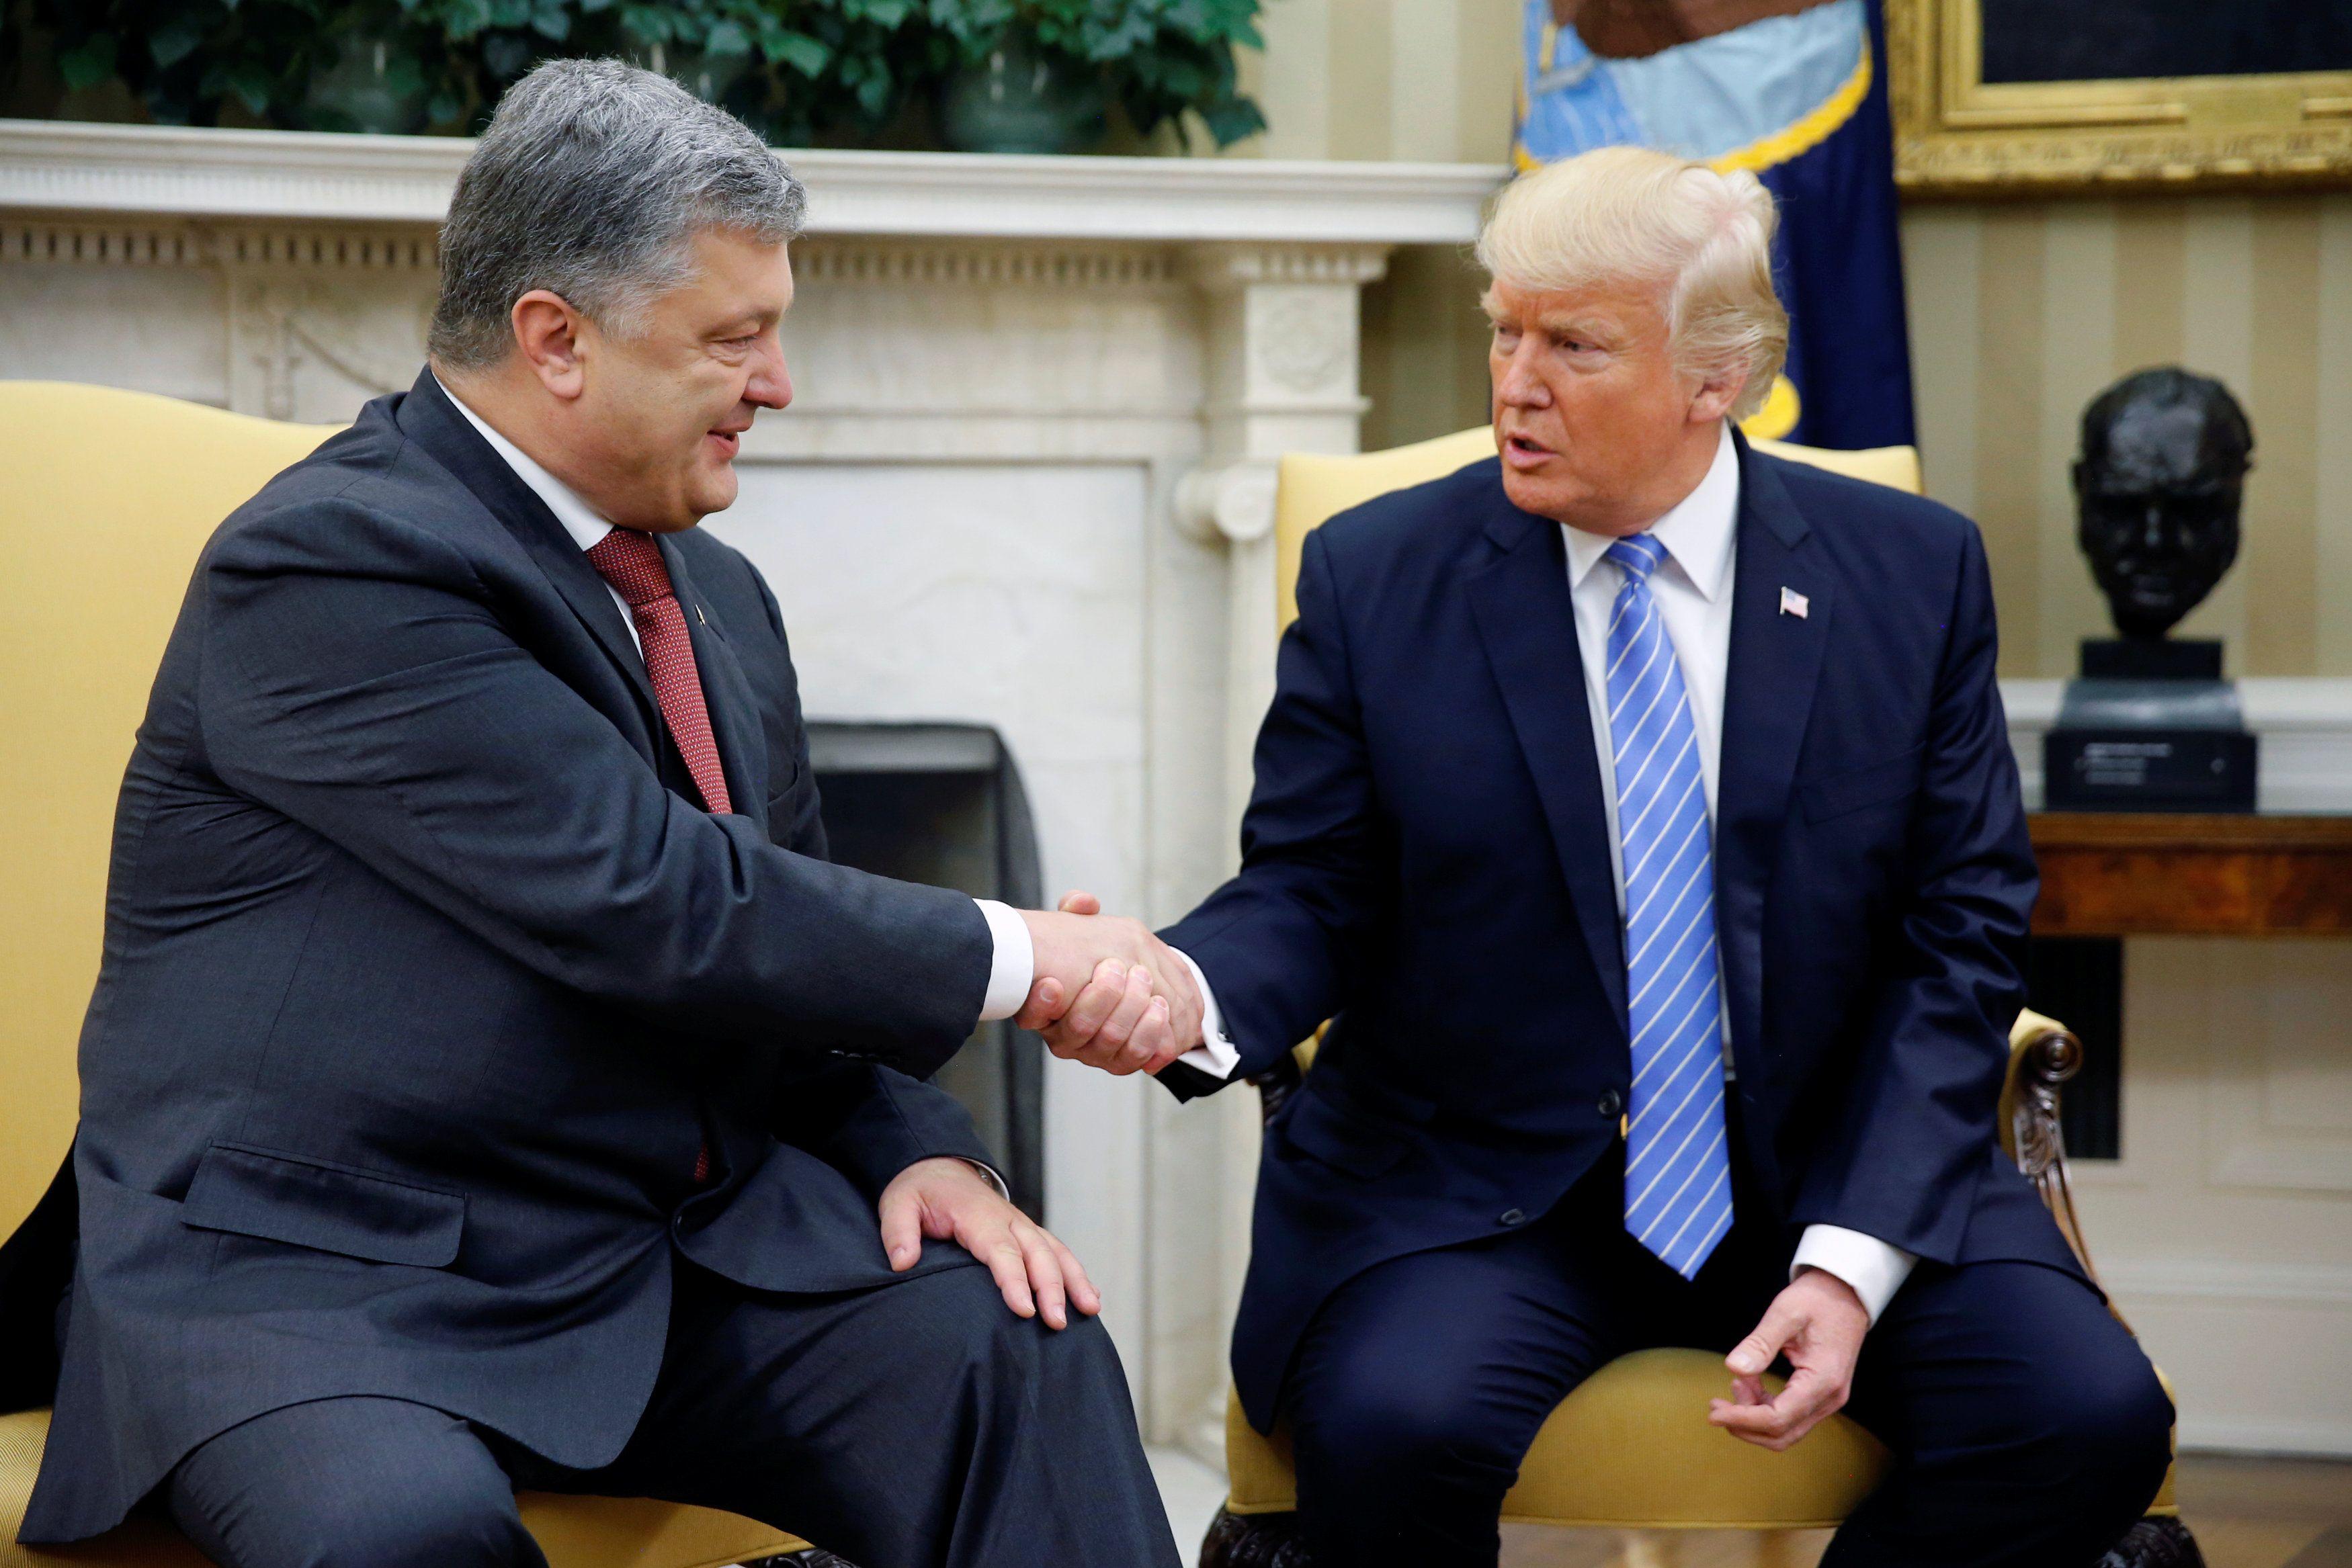 Președintele Poreșenko mizează pe sprijinul omologului său american, Donald Trump, așteptat în vizită în Ucraina în 2018